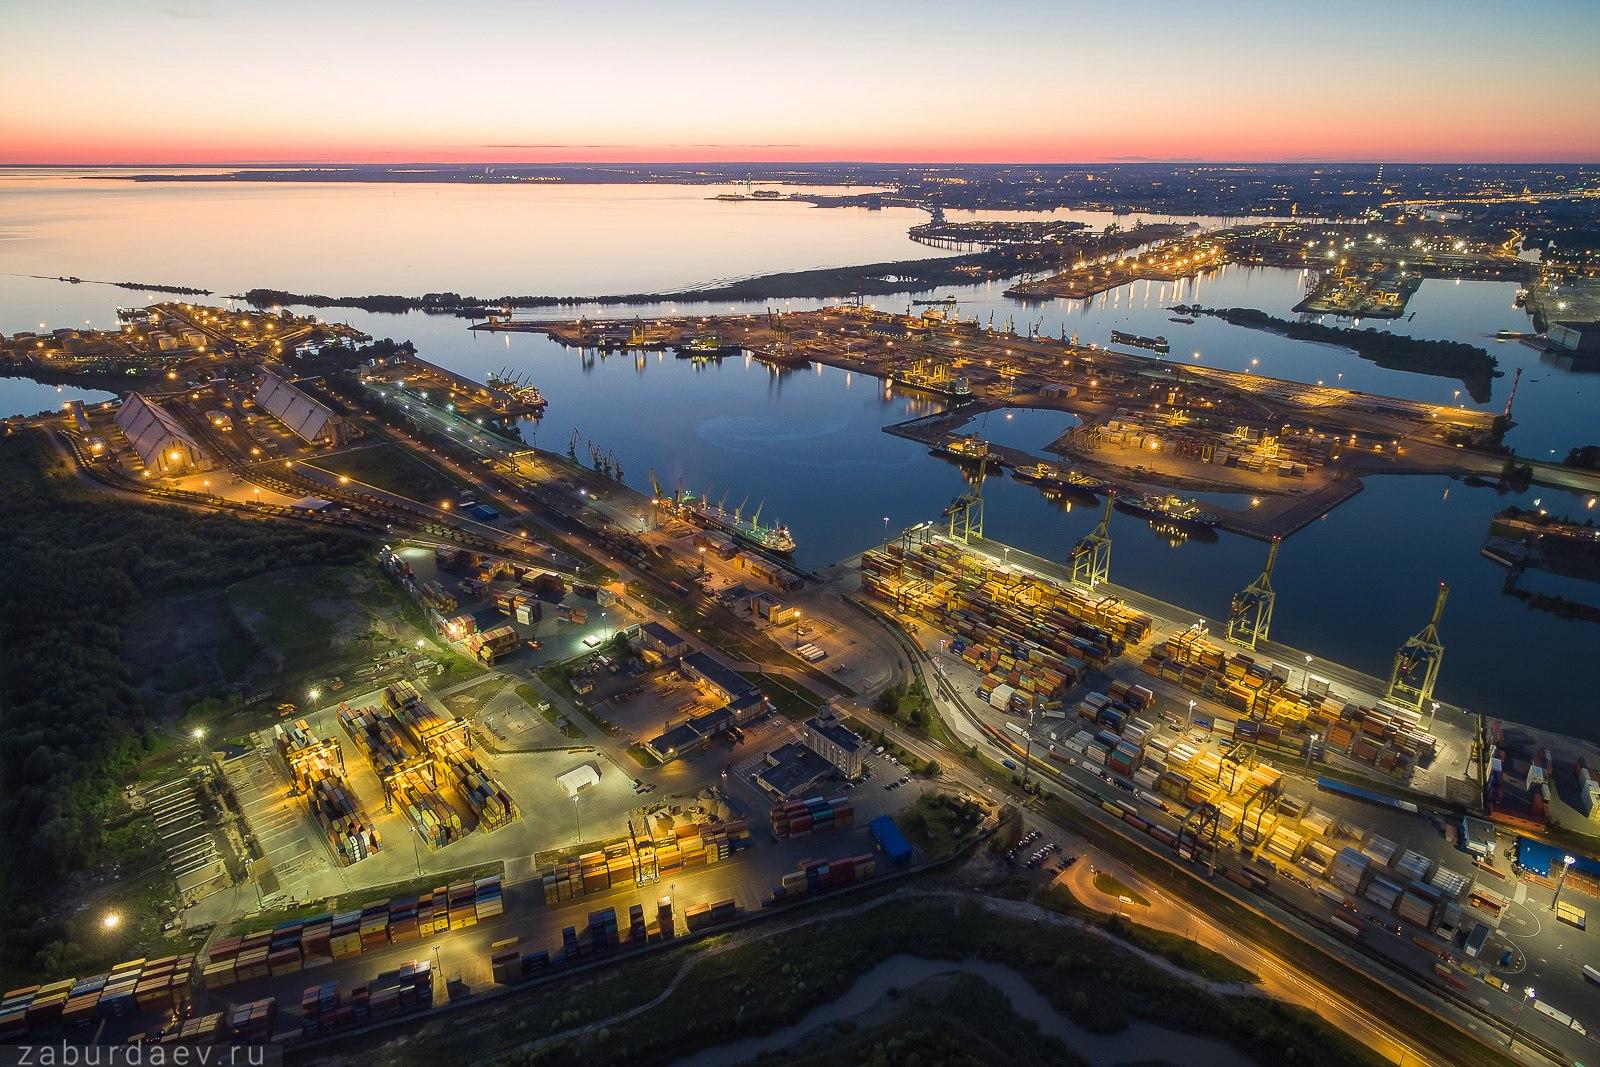 Большой морской порт Санкт-Петербурга